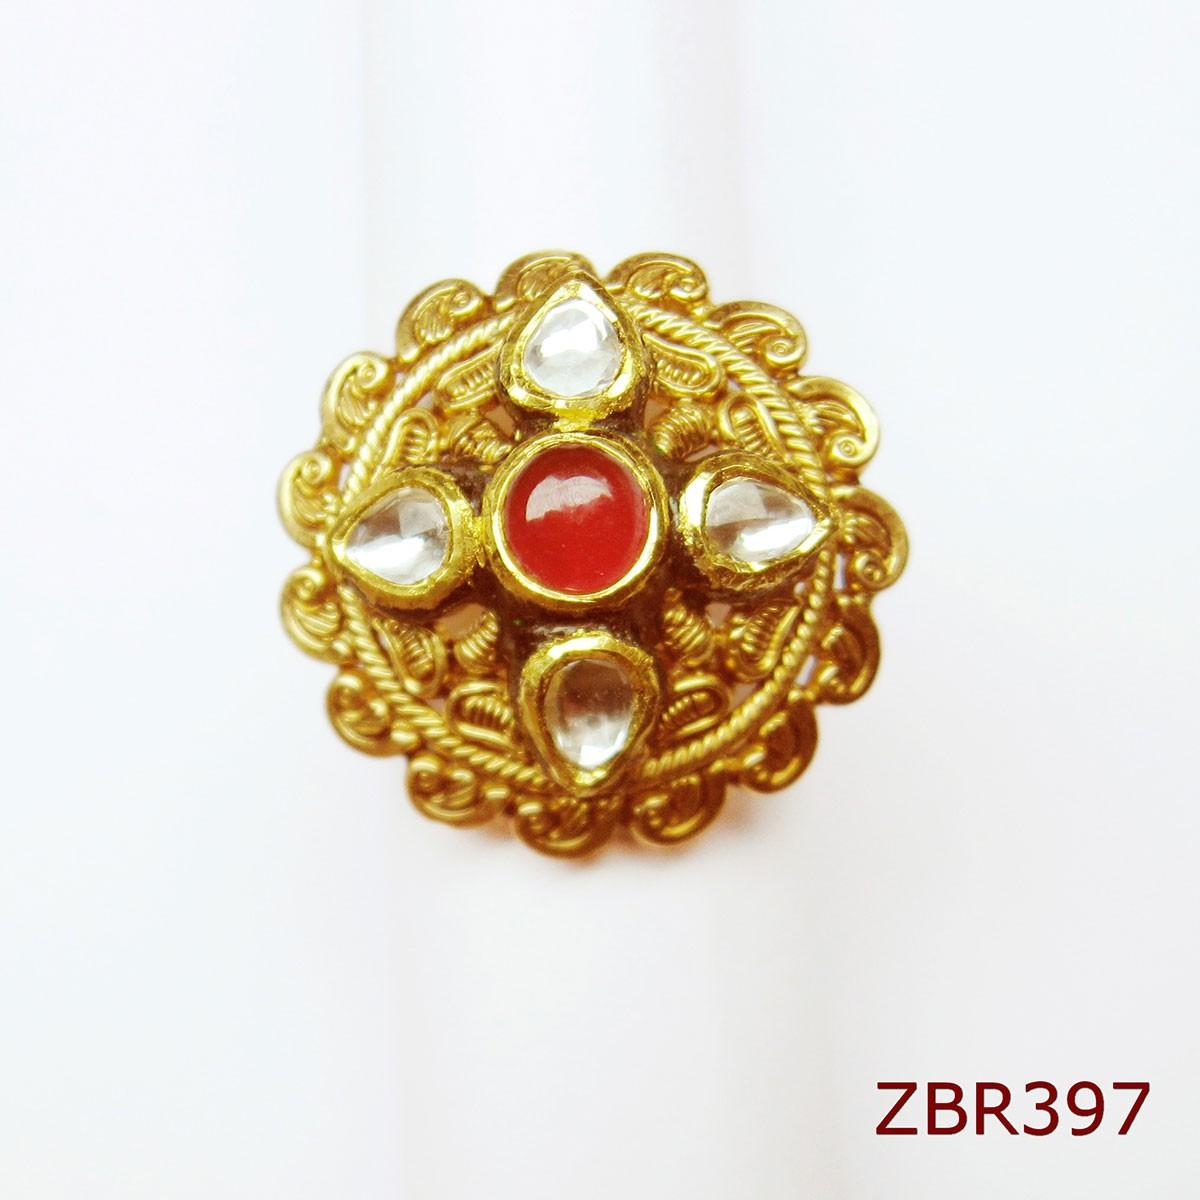 ZBR397